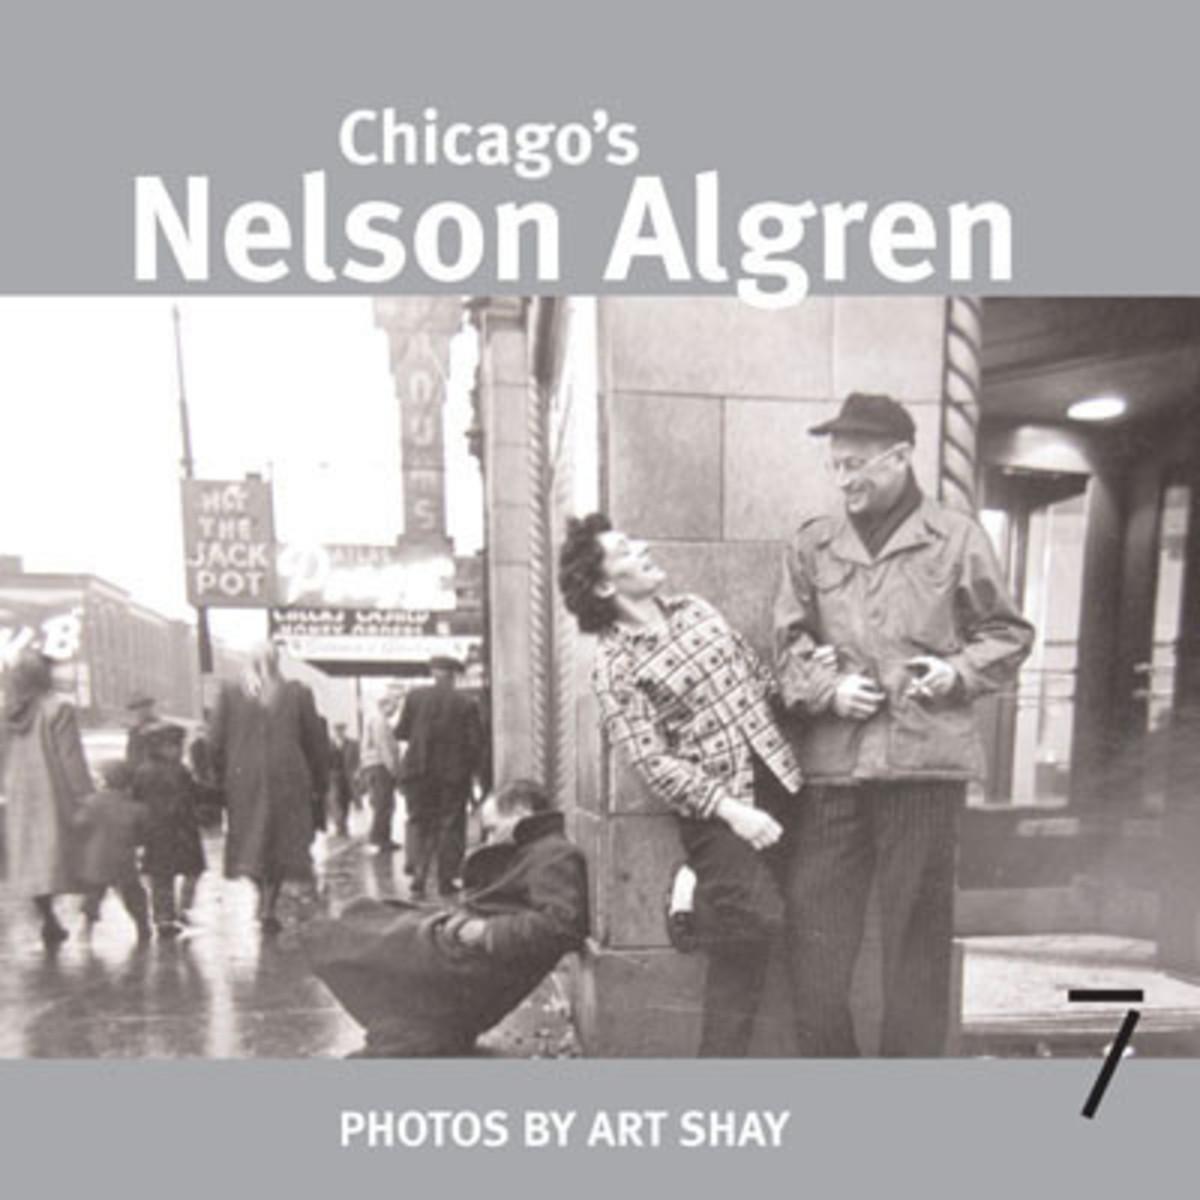 Shay_ChicagosNelsonAlgren_1024x1024